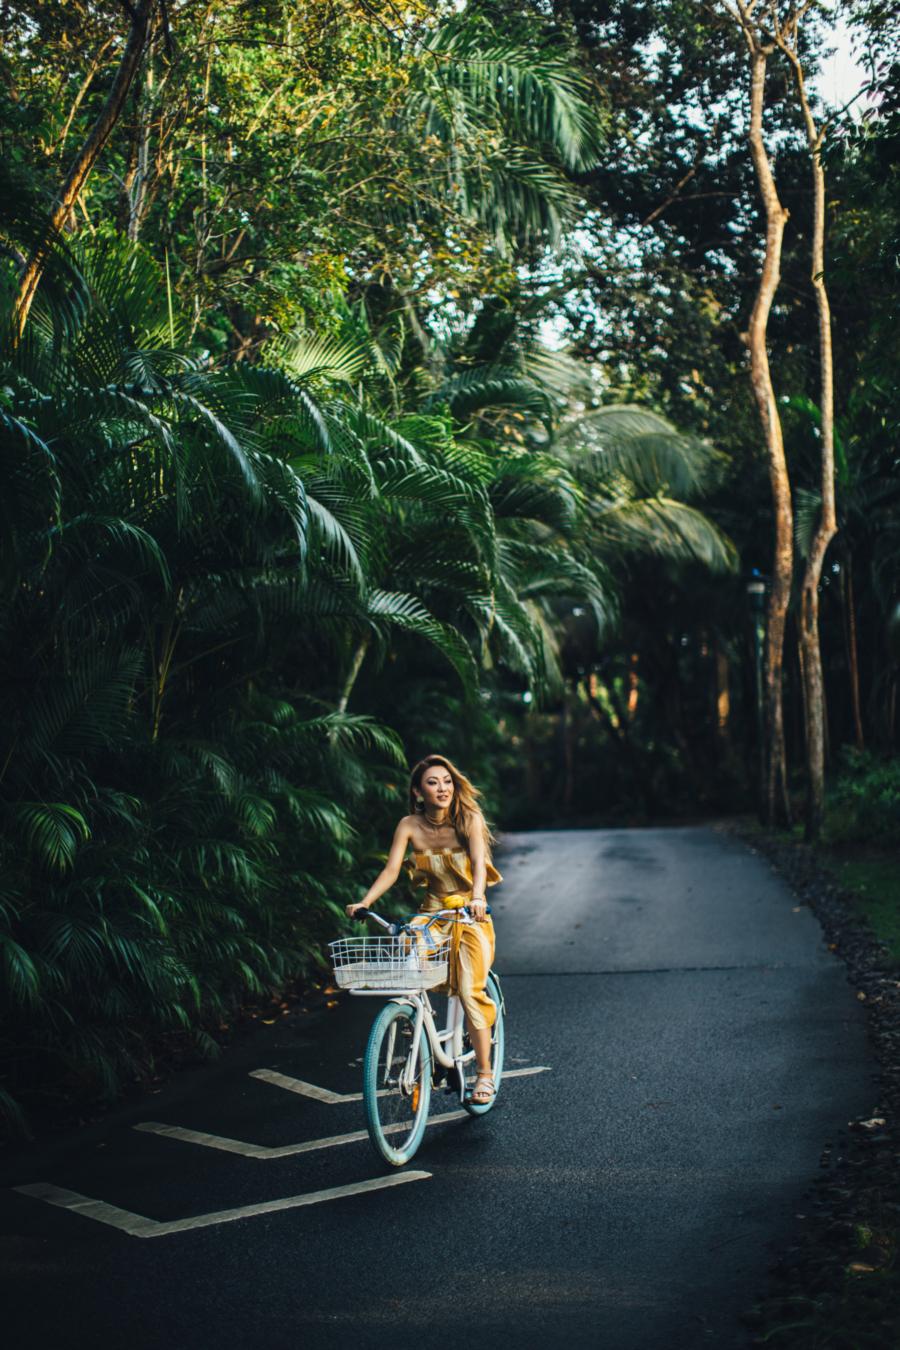 Bike Riding Puerto Rico - Discover Puerto Rico's Best Kept Secret // NotJessFashion.com